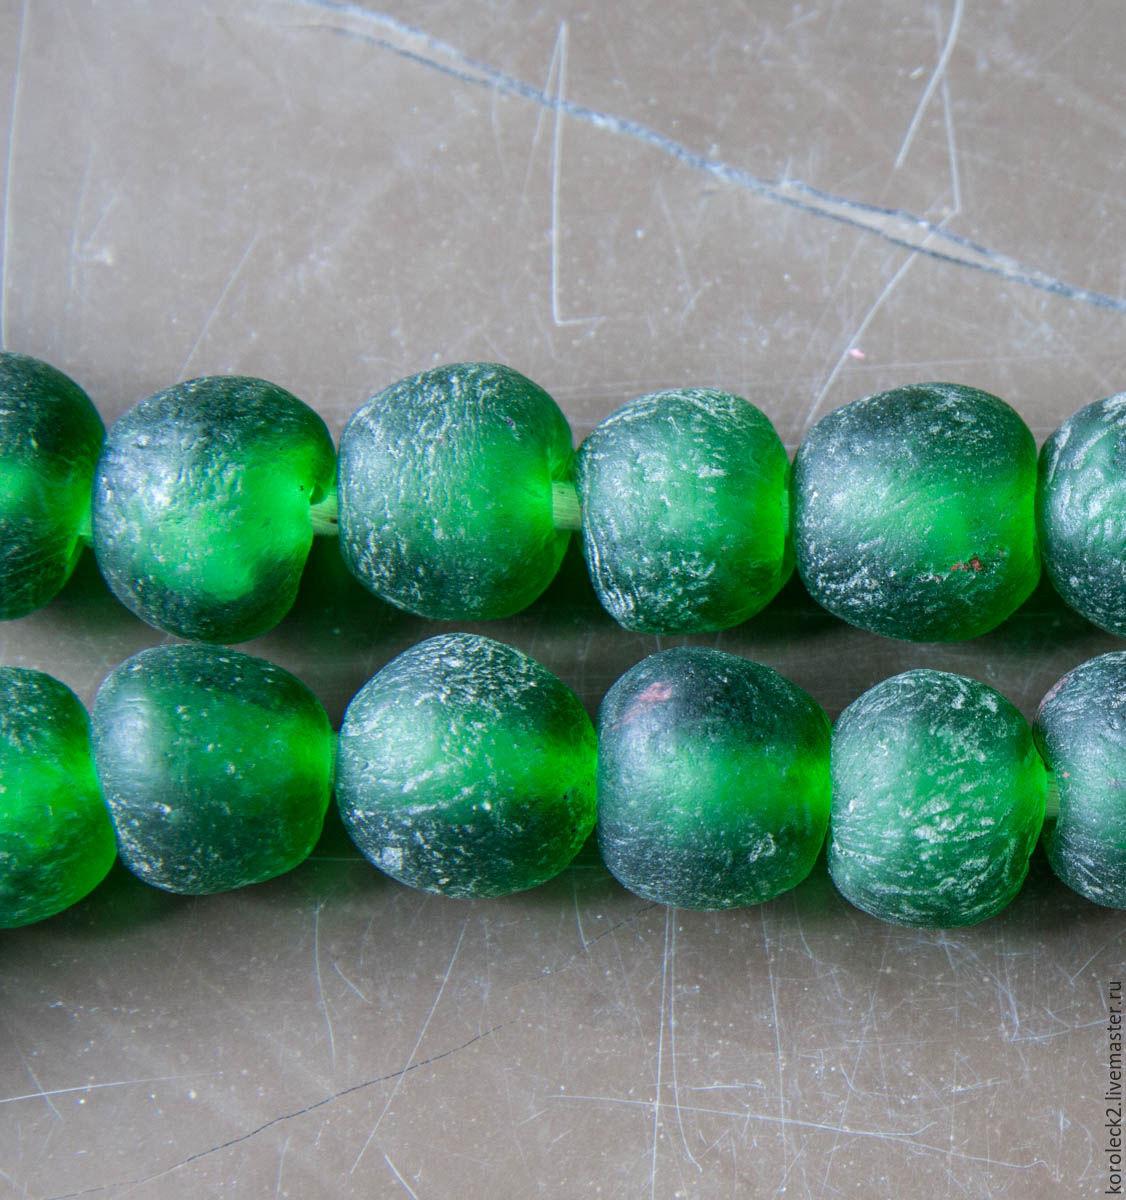 Африканские этнические  крупные ярко-зеленые стеклянные бусины, 20 мм, Бусины, Москва, Фото №1